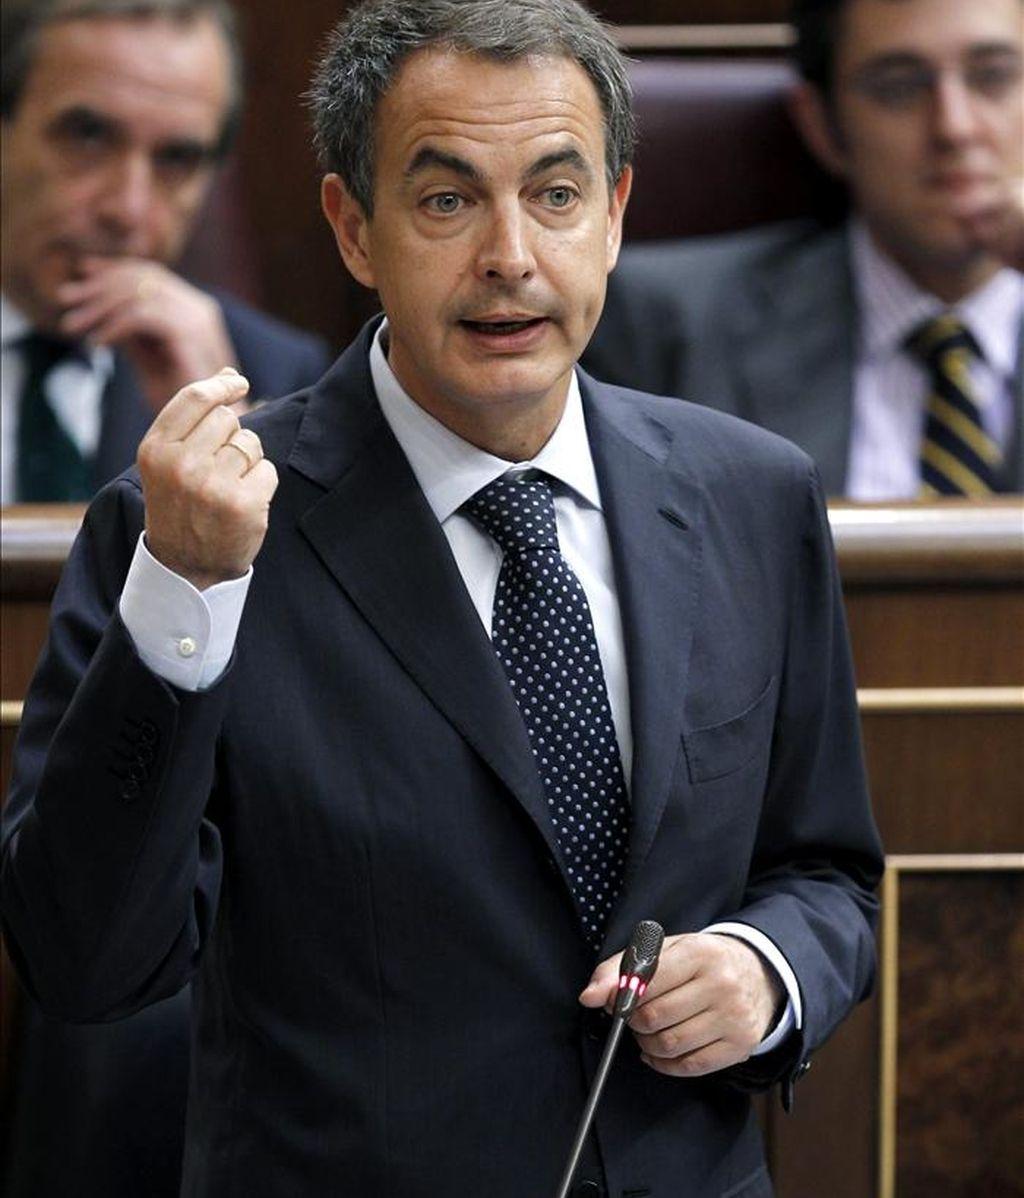 El presidente del Gobierno, José Luis Rodríguez Zapatero, durante la sesión de control al Ejecutivo. Vídeo: ATLAS.